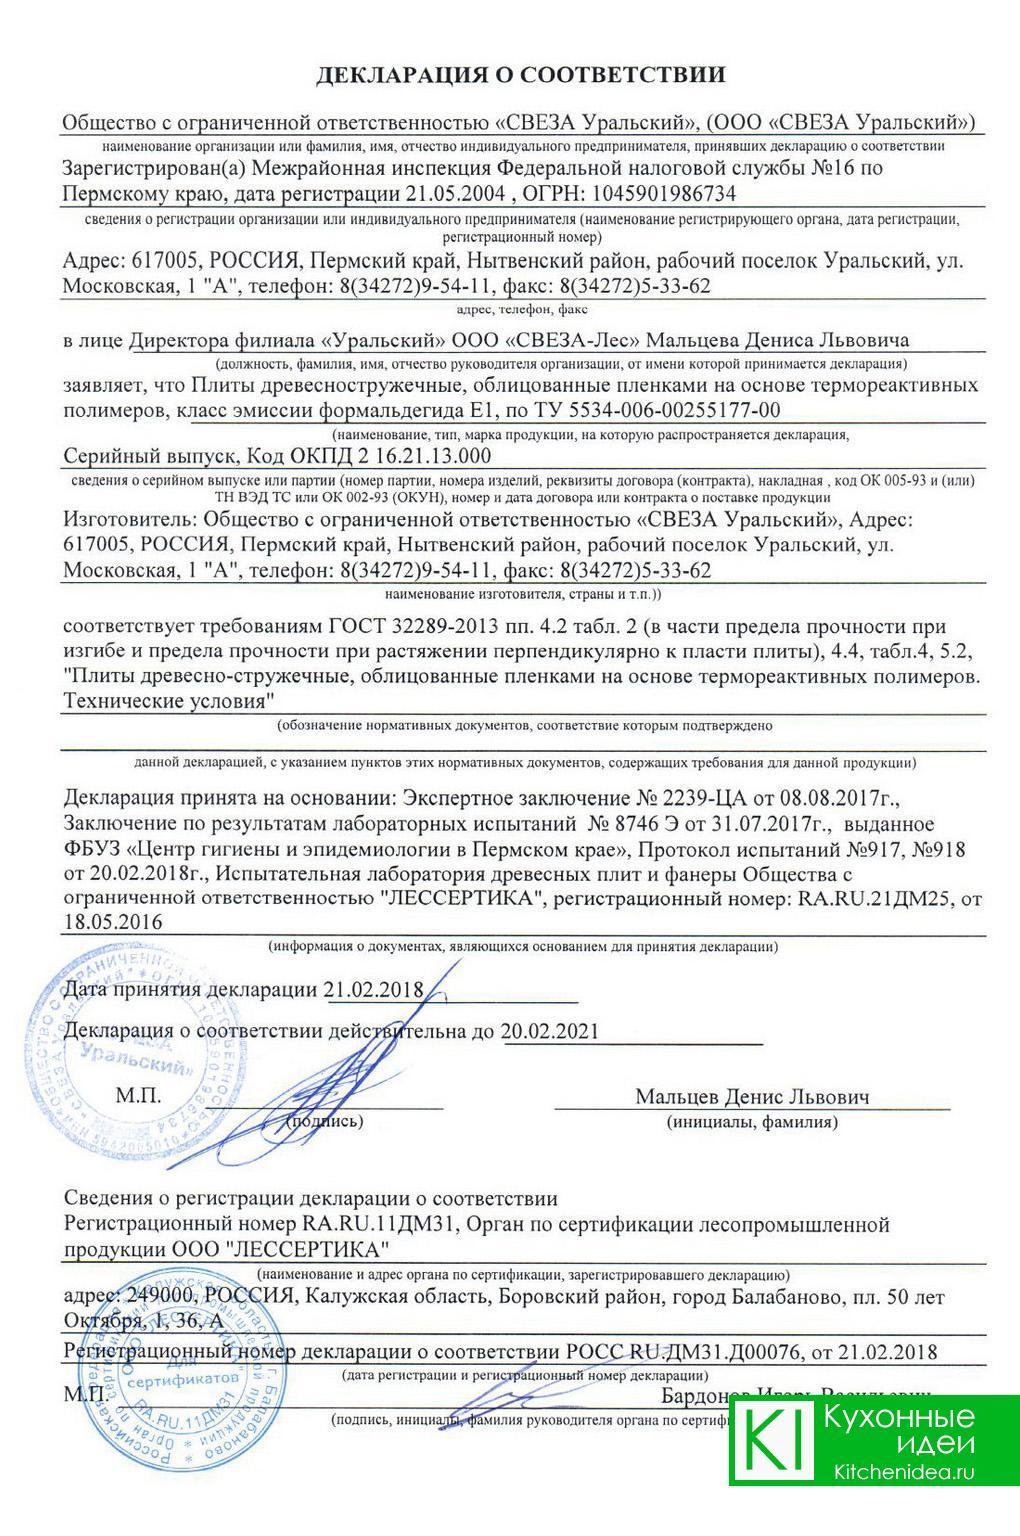 Декларация соответствия ЛДСП треб